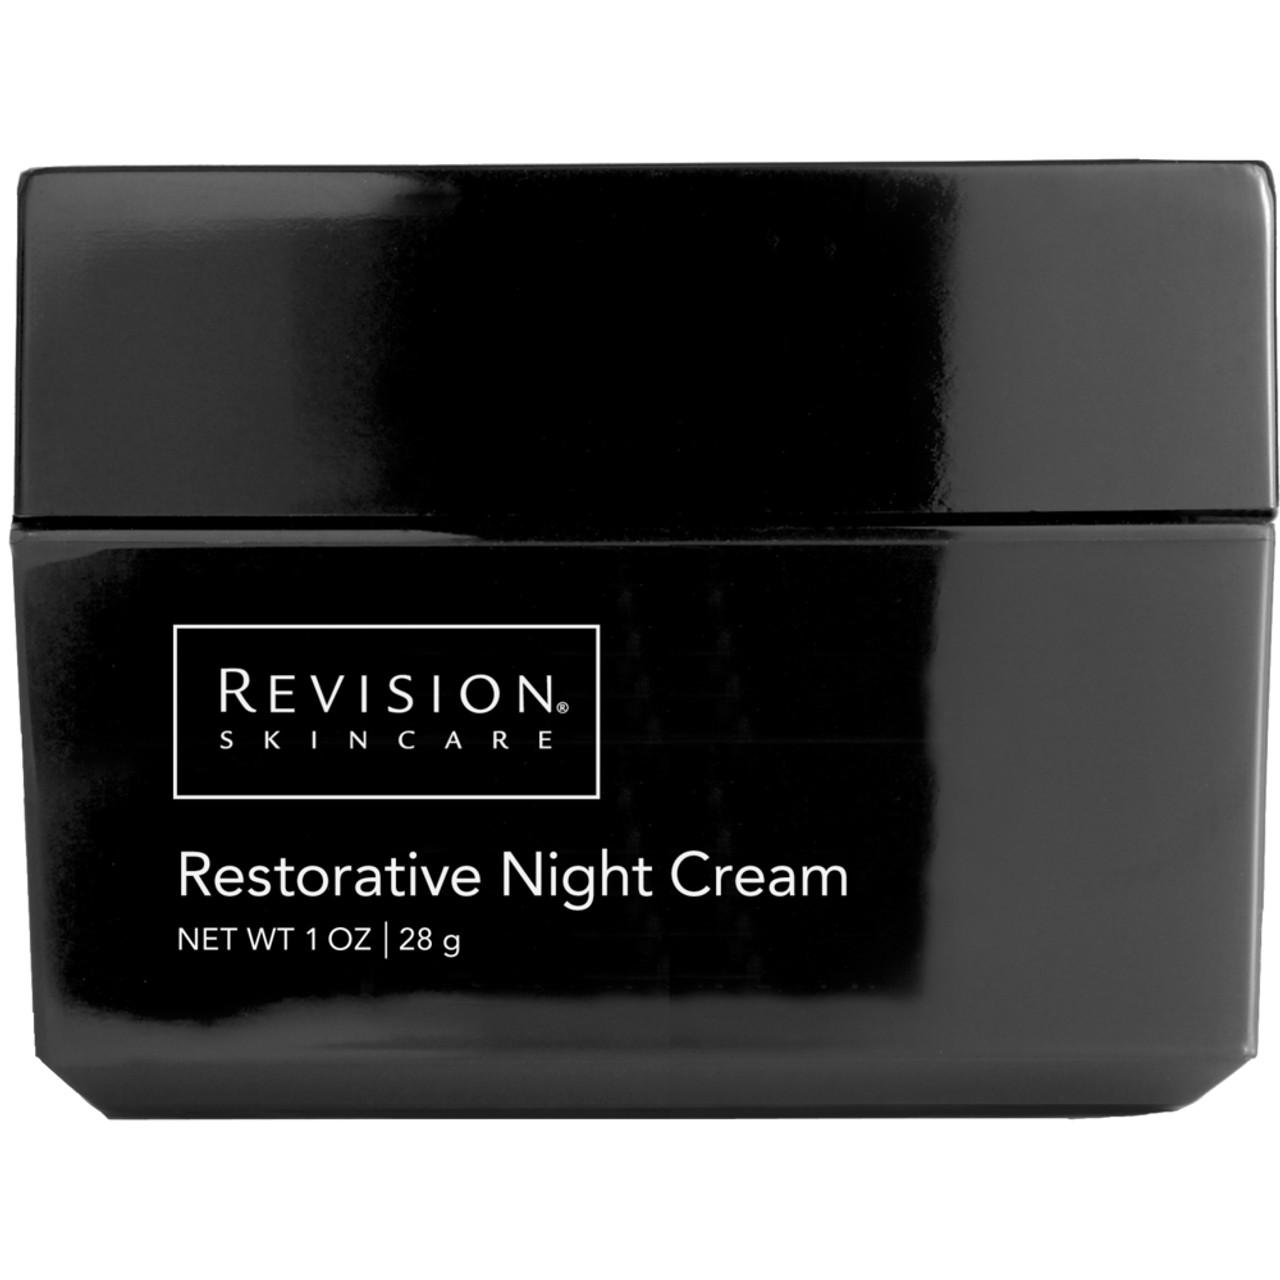 Revision Restorative Night Cream BeautifiedYou.com